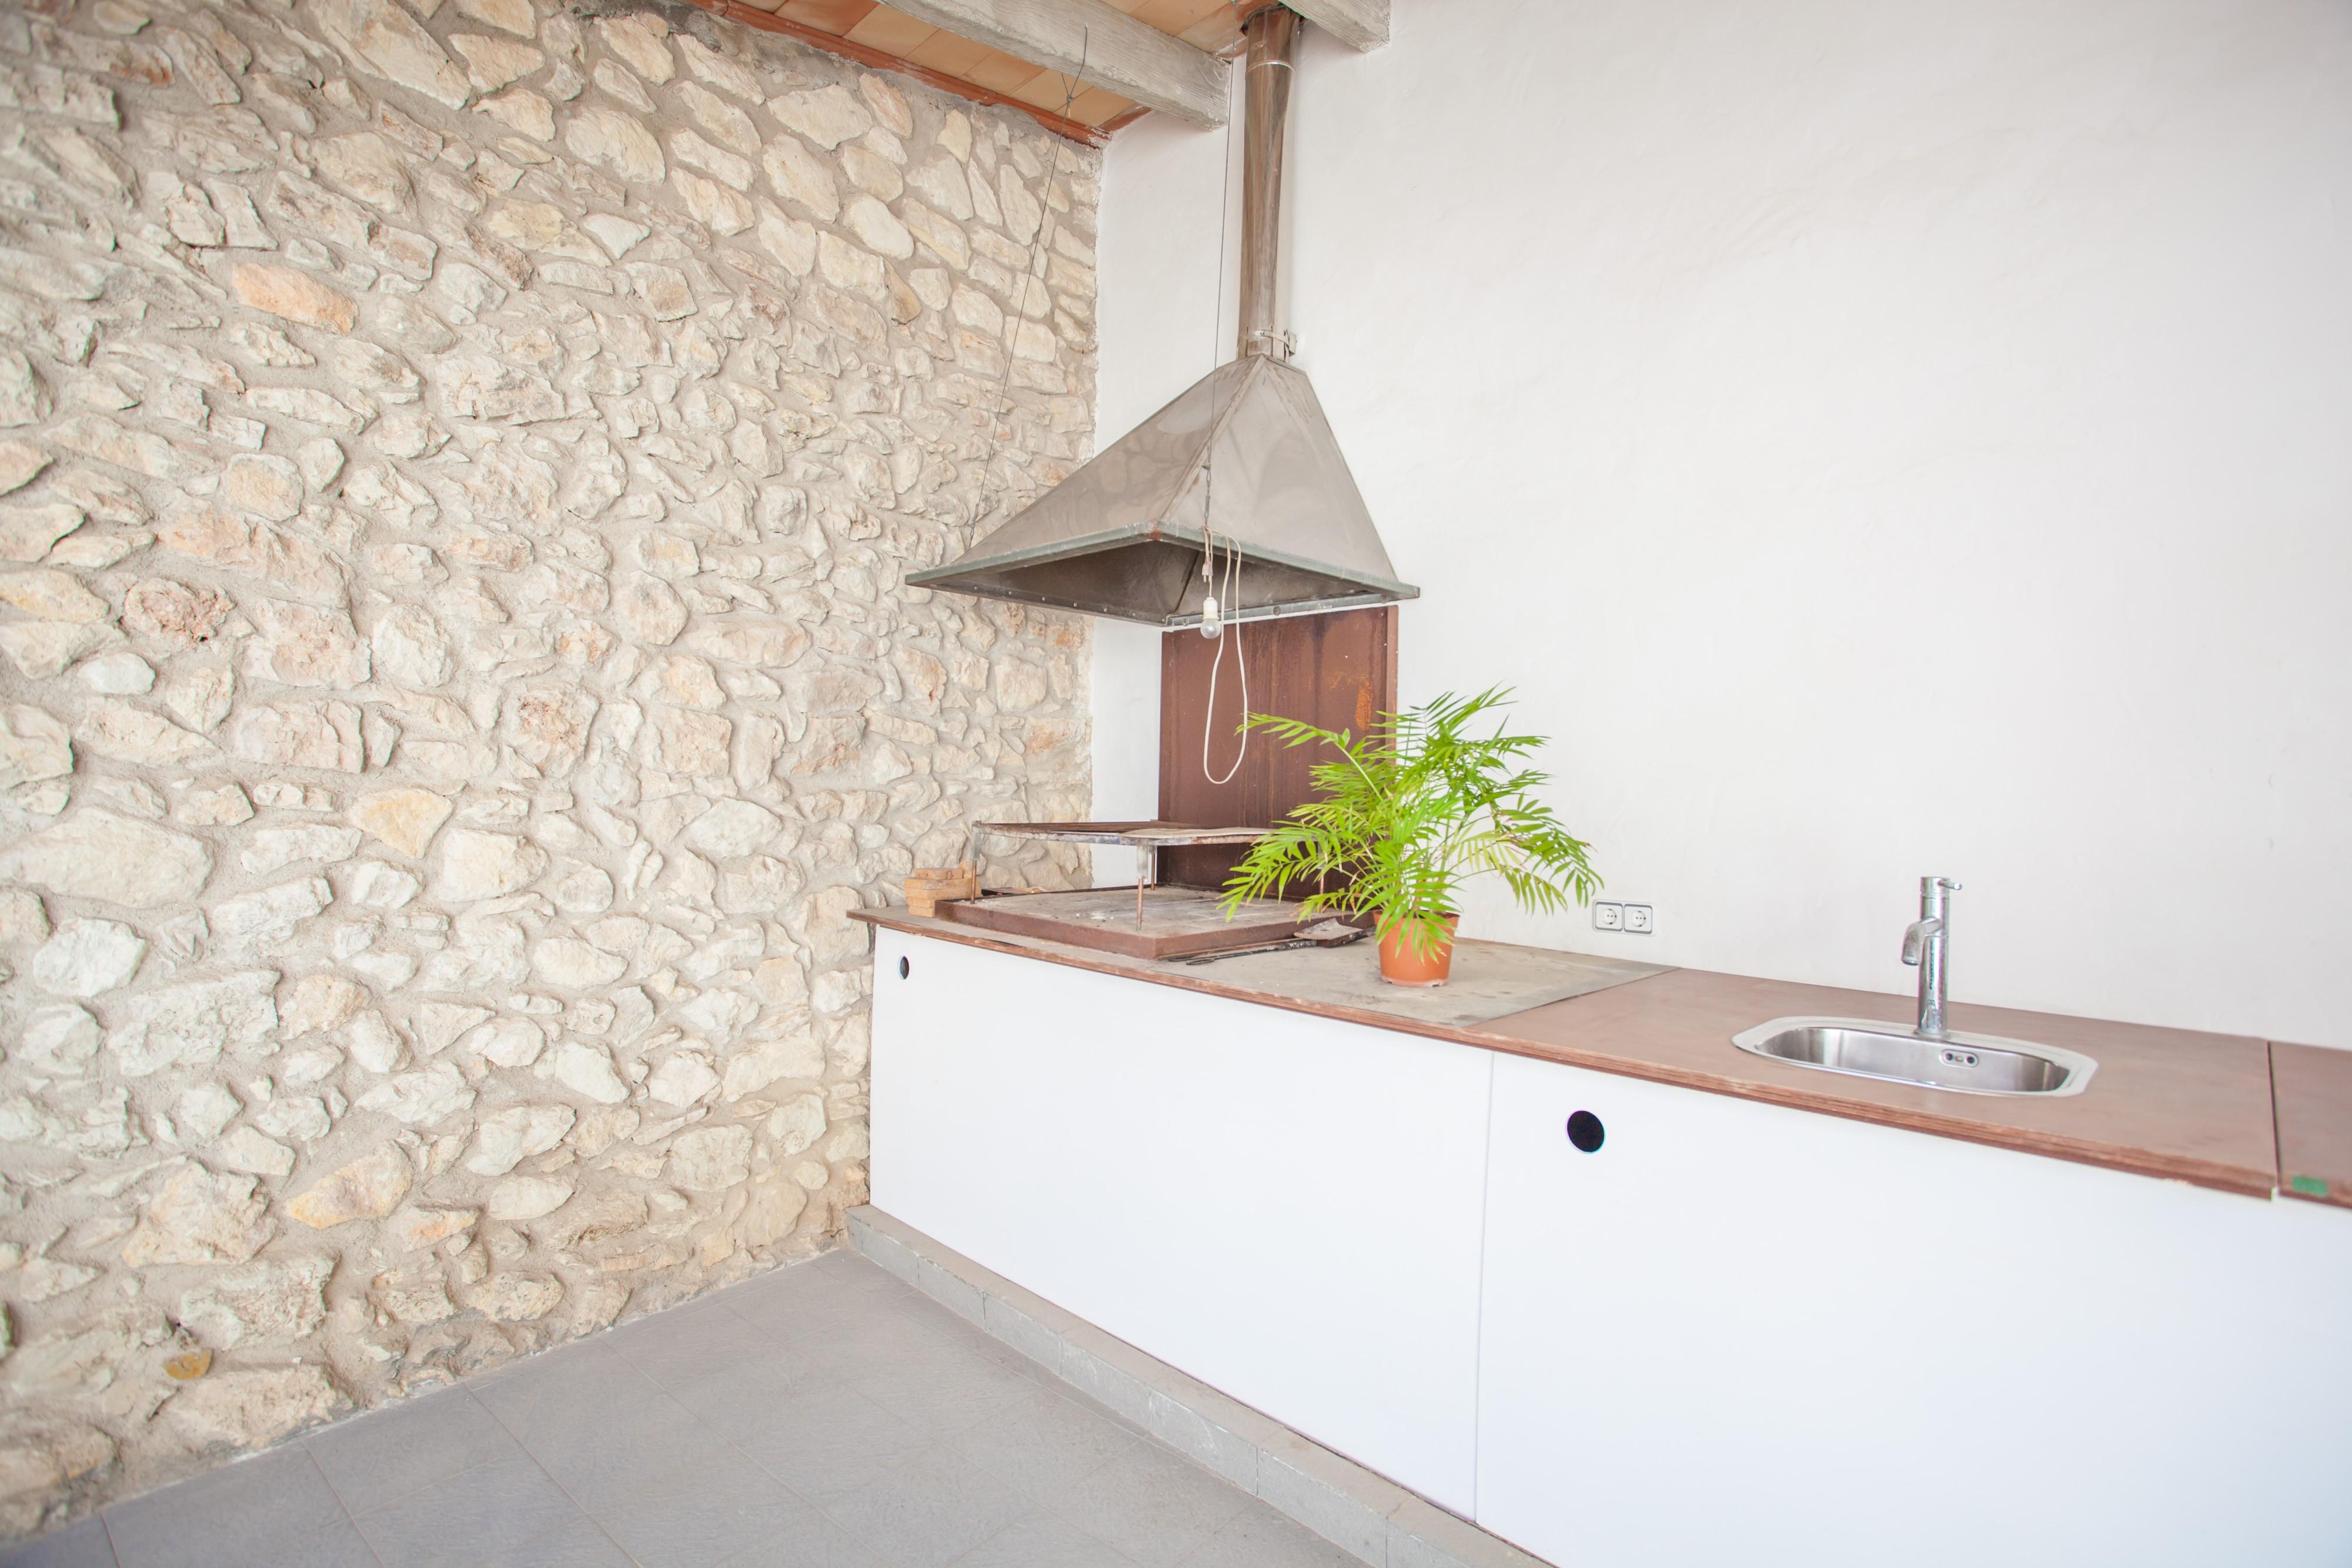 Maison de vacances CAN DOMINGO (2246405), Lloret de Vistalegre, Majorque, Iles Baléares, Espagne, image 25